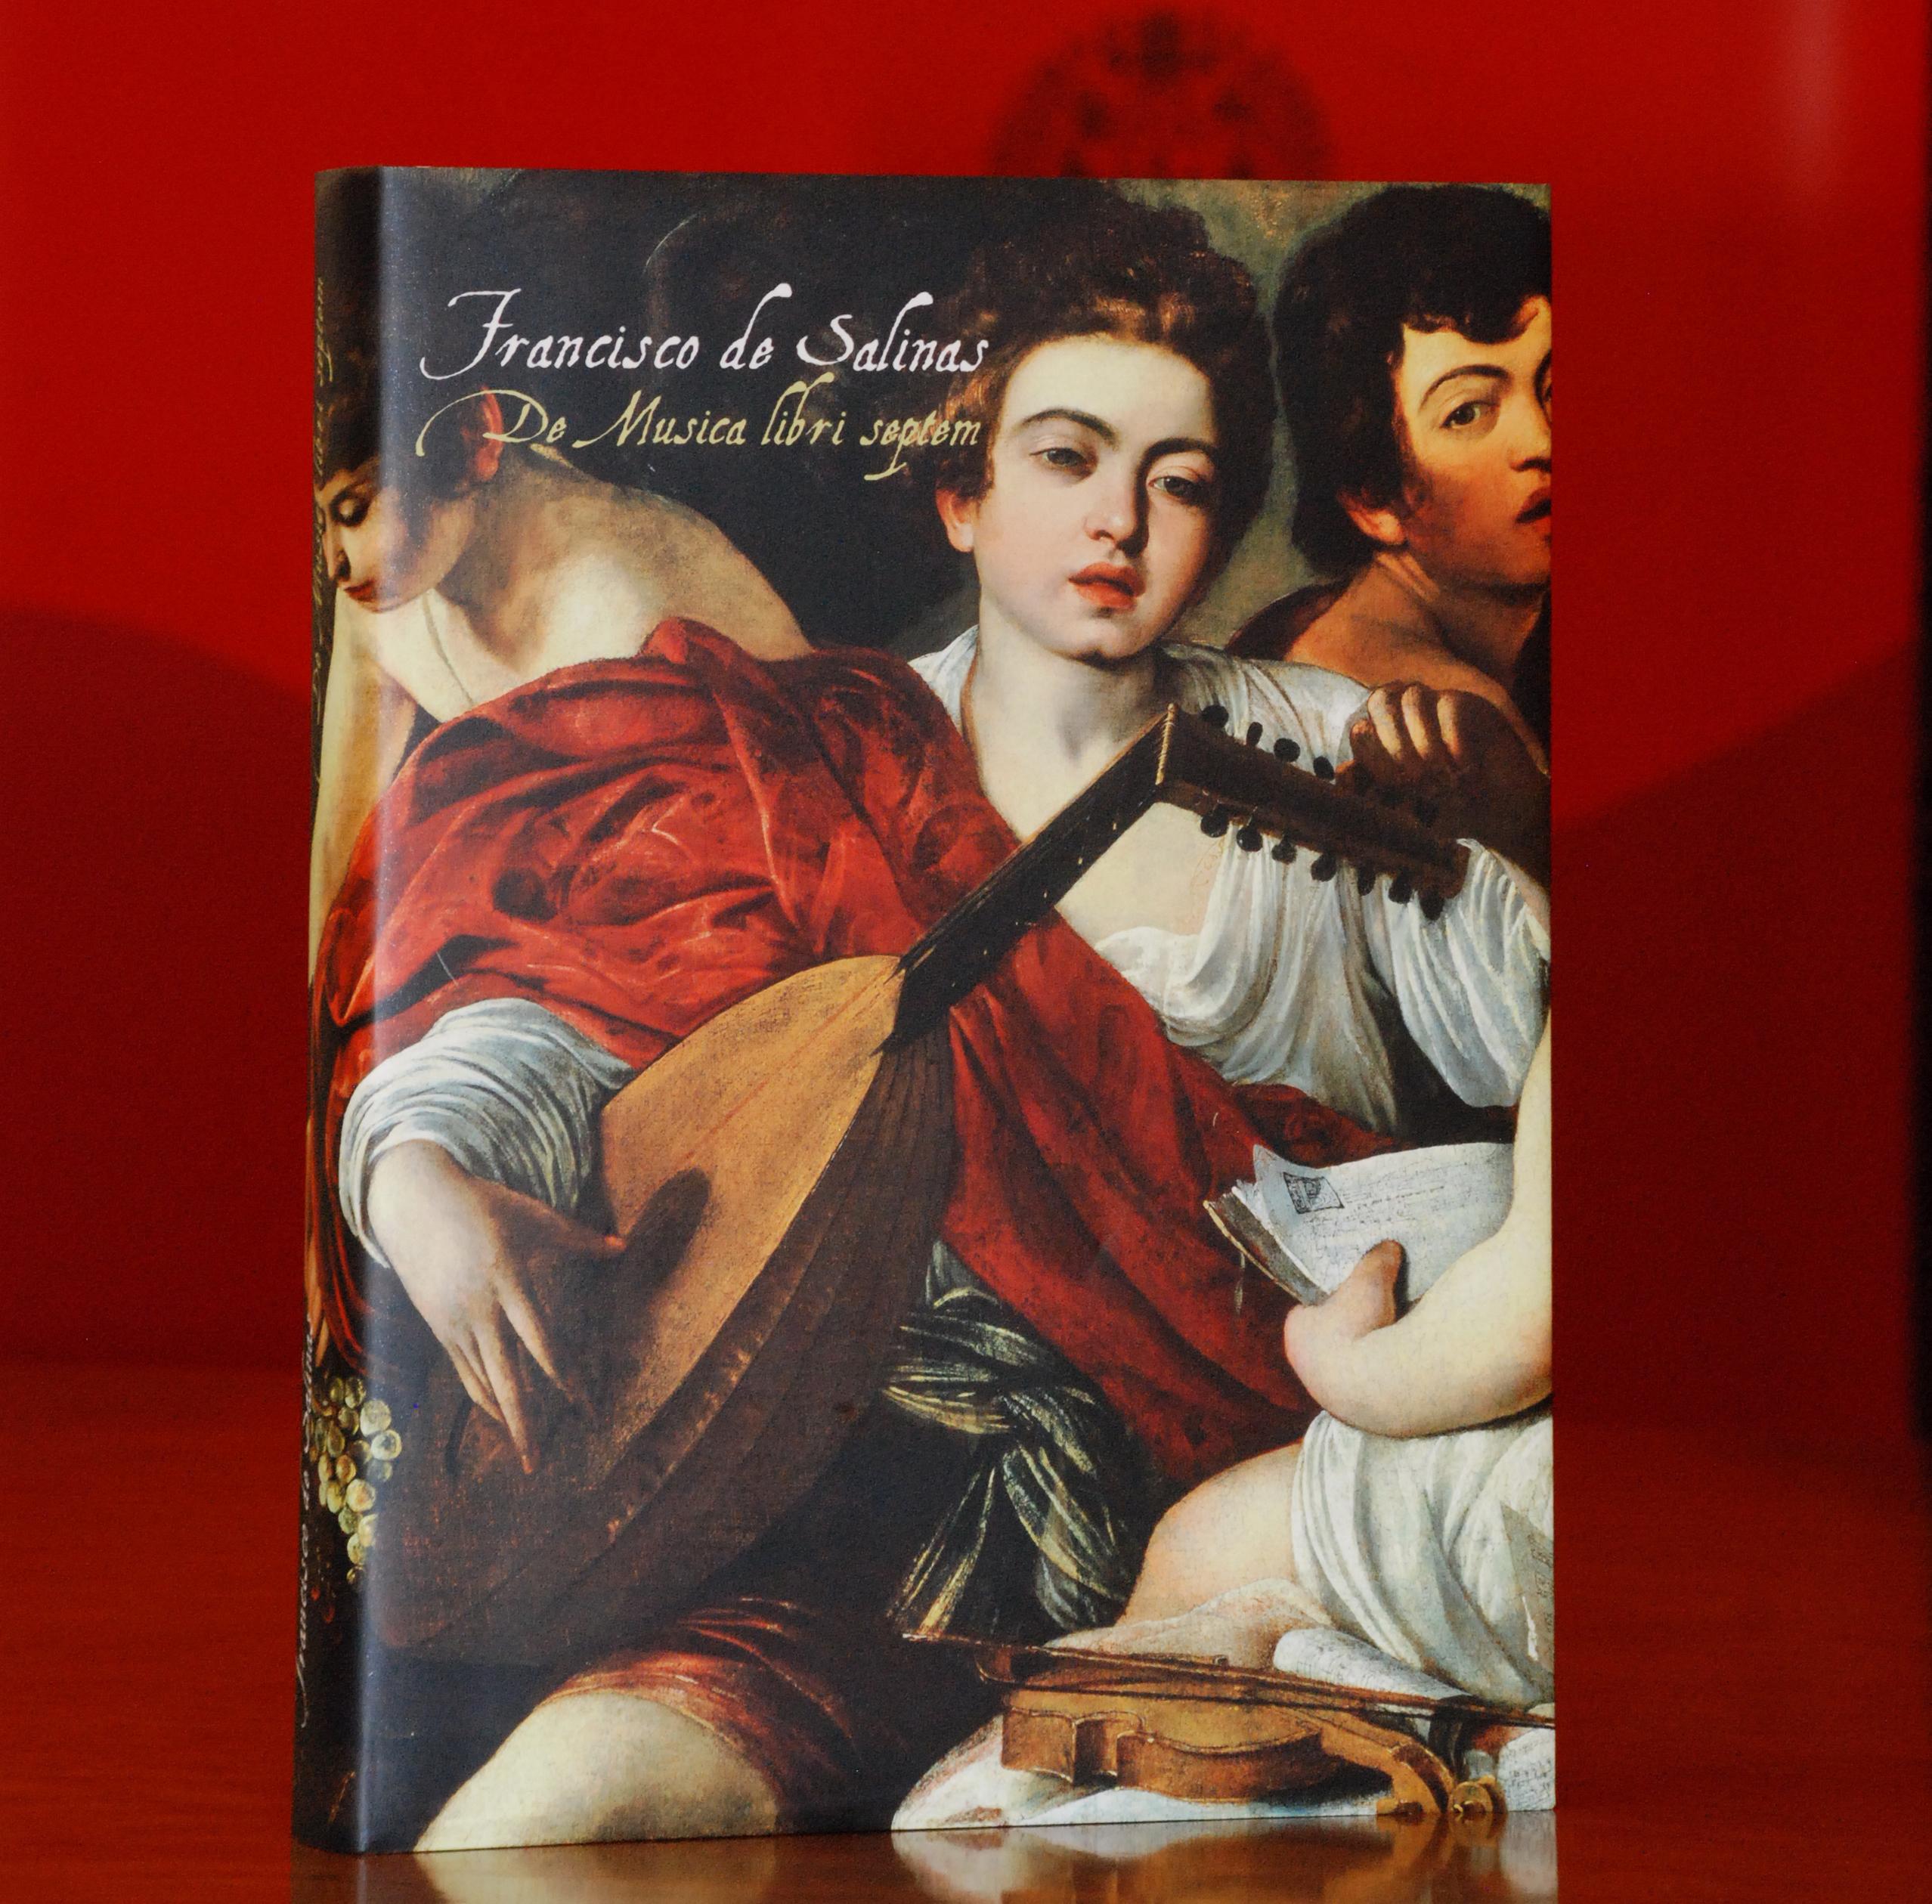 Ediciones Universidad de Salamanca recibe el Premio Nacional a la mejor obra editada por un facsímil sobre Francisco Salinas